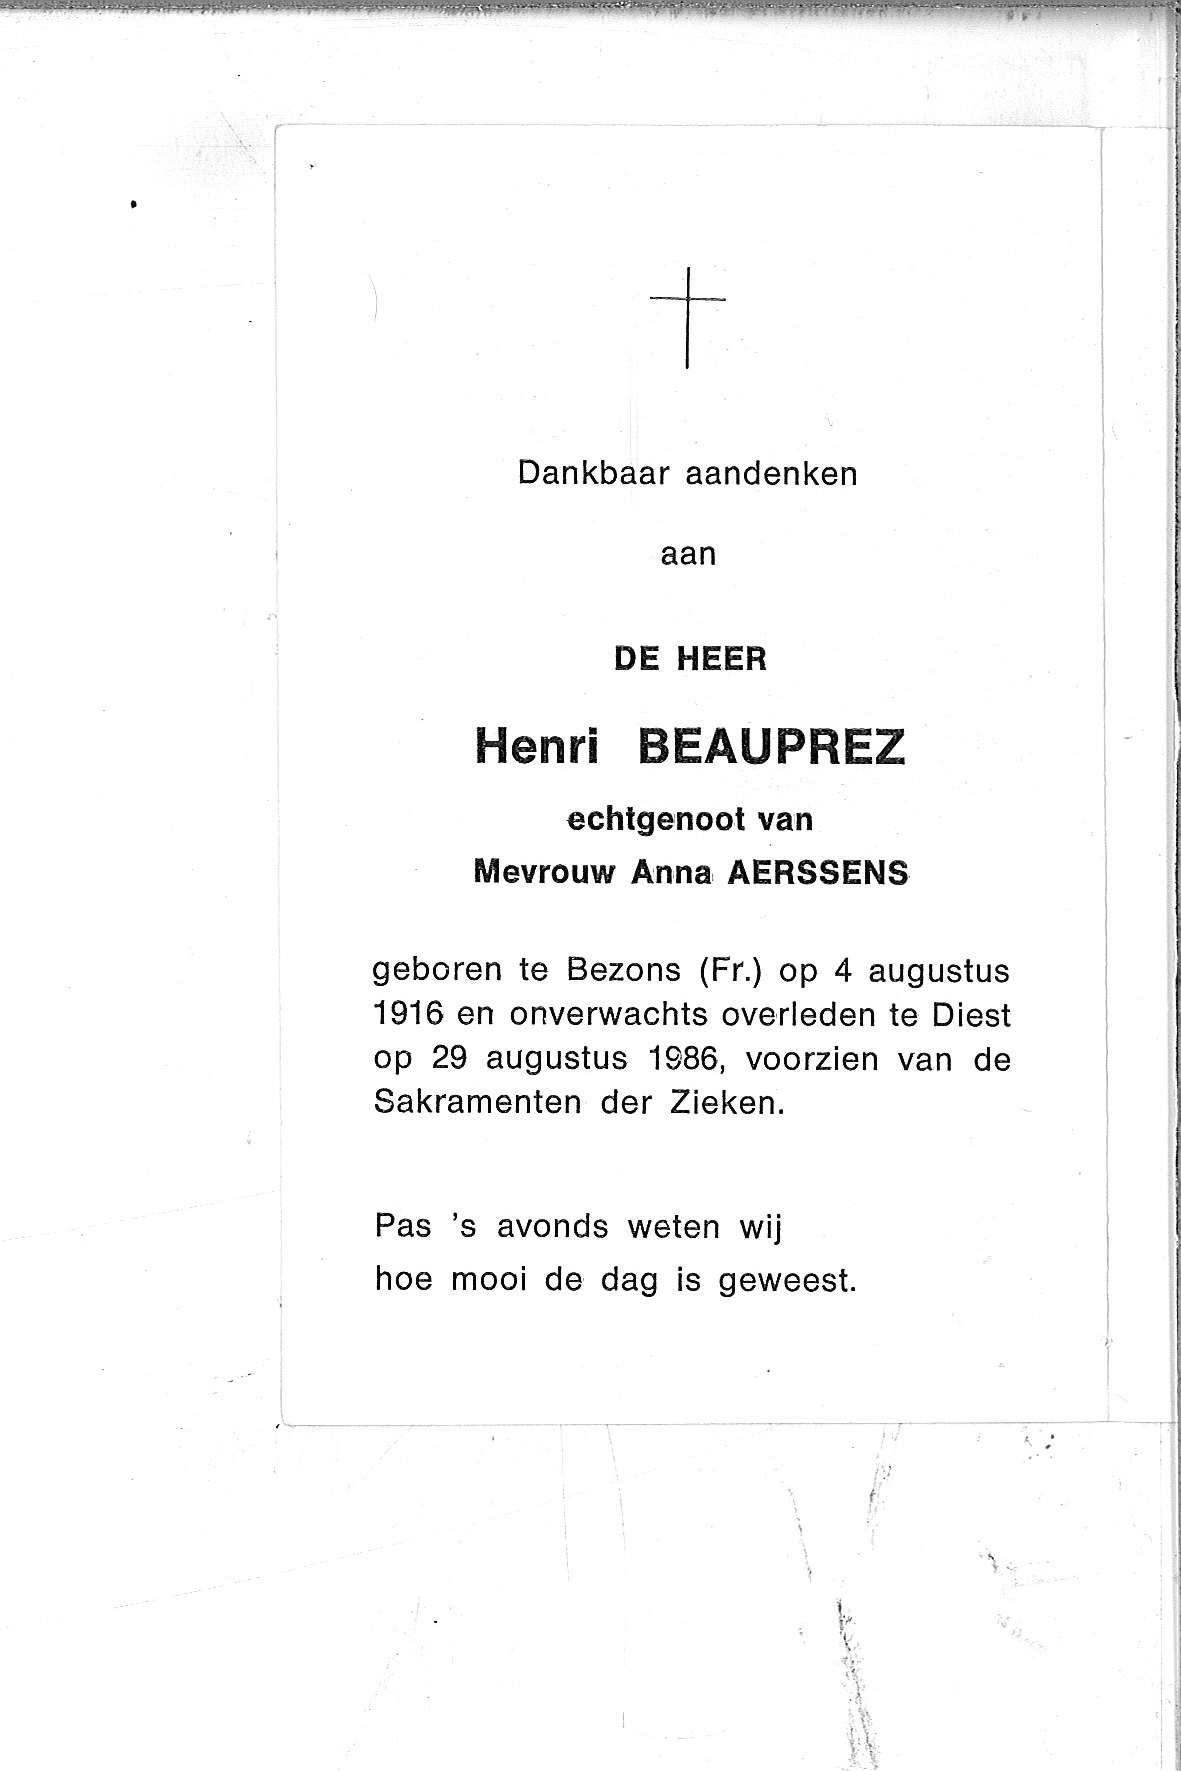 Henri(1986)20130829095800_00001.jpg